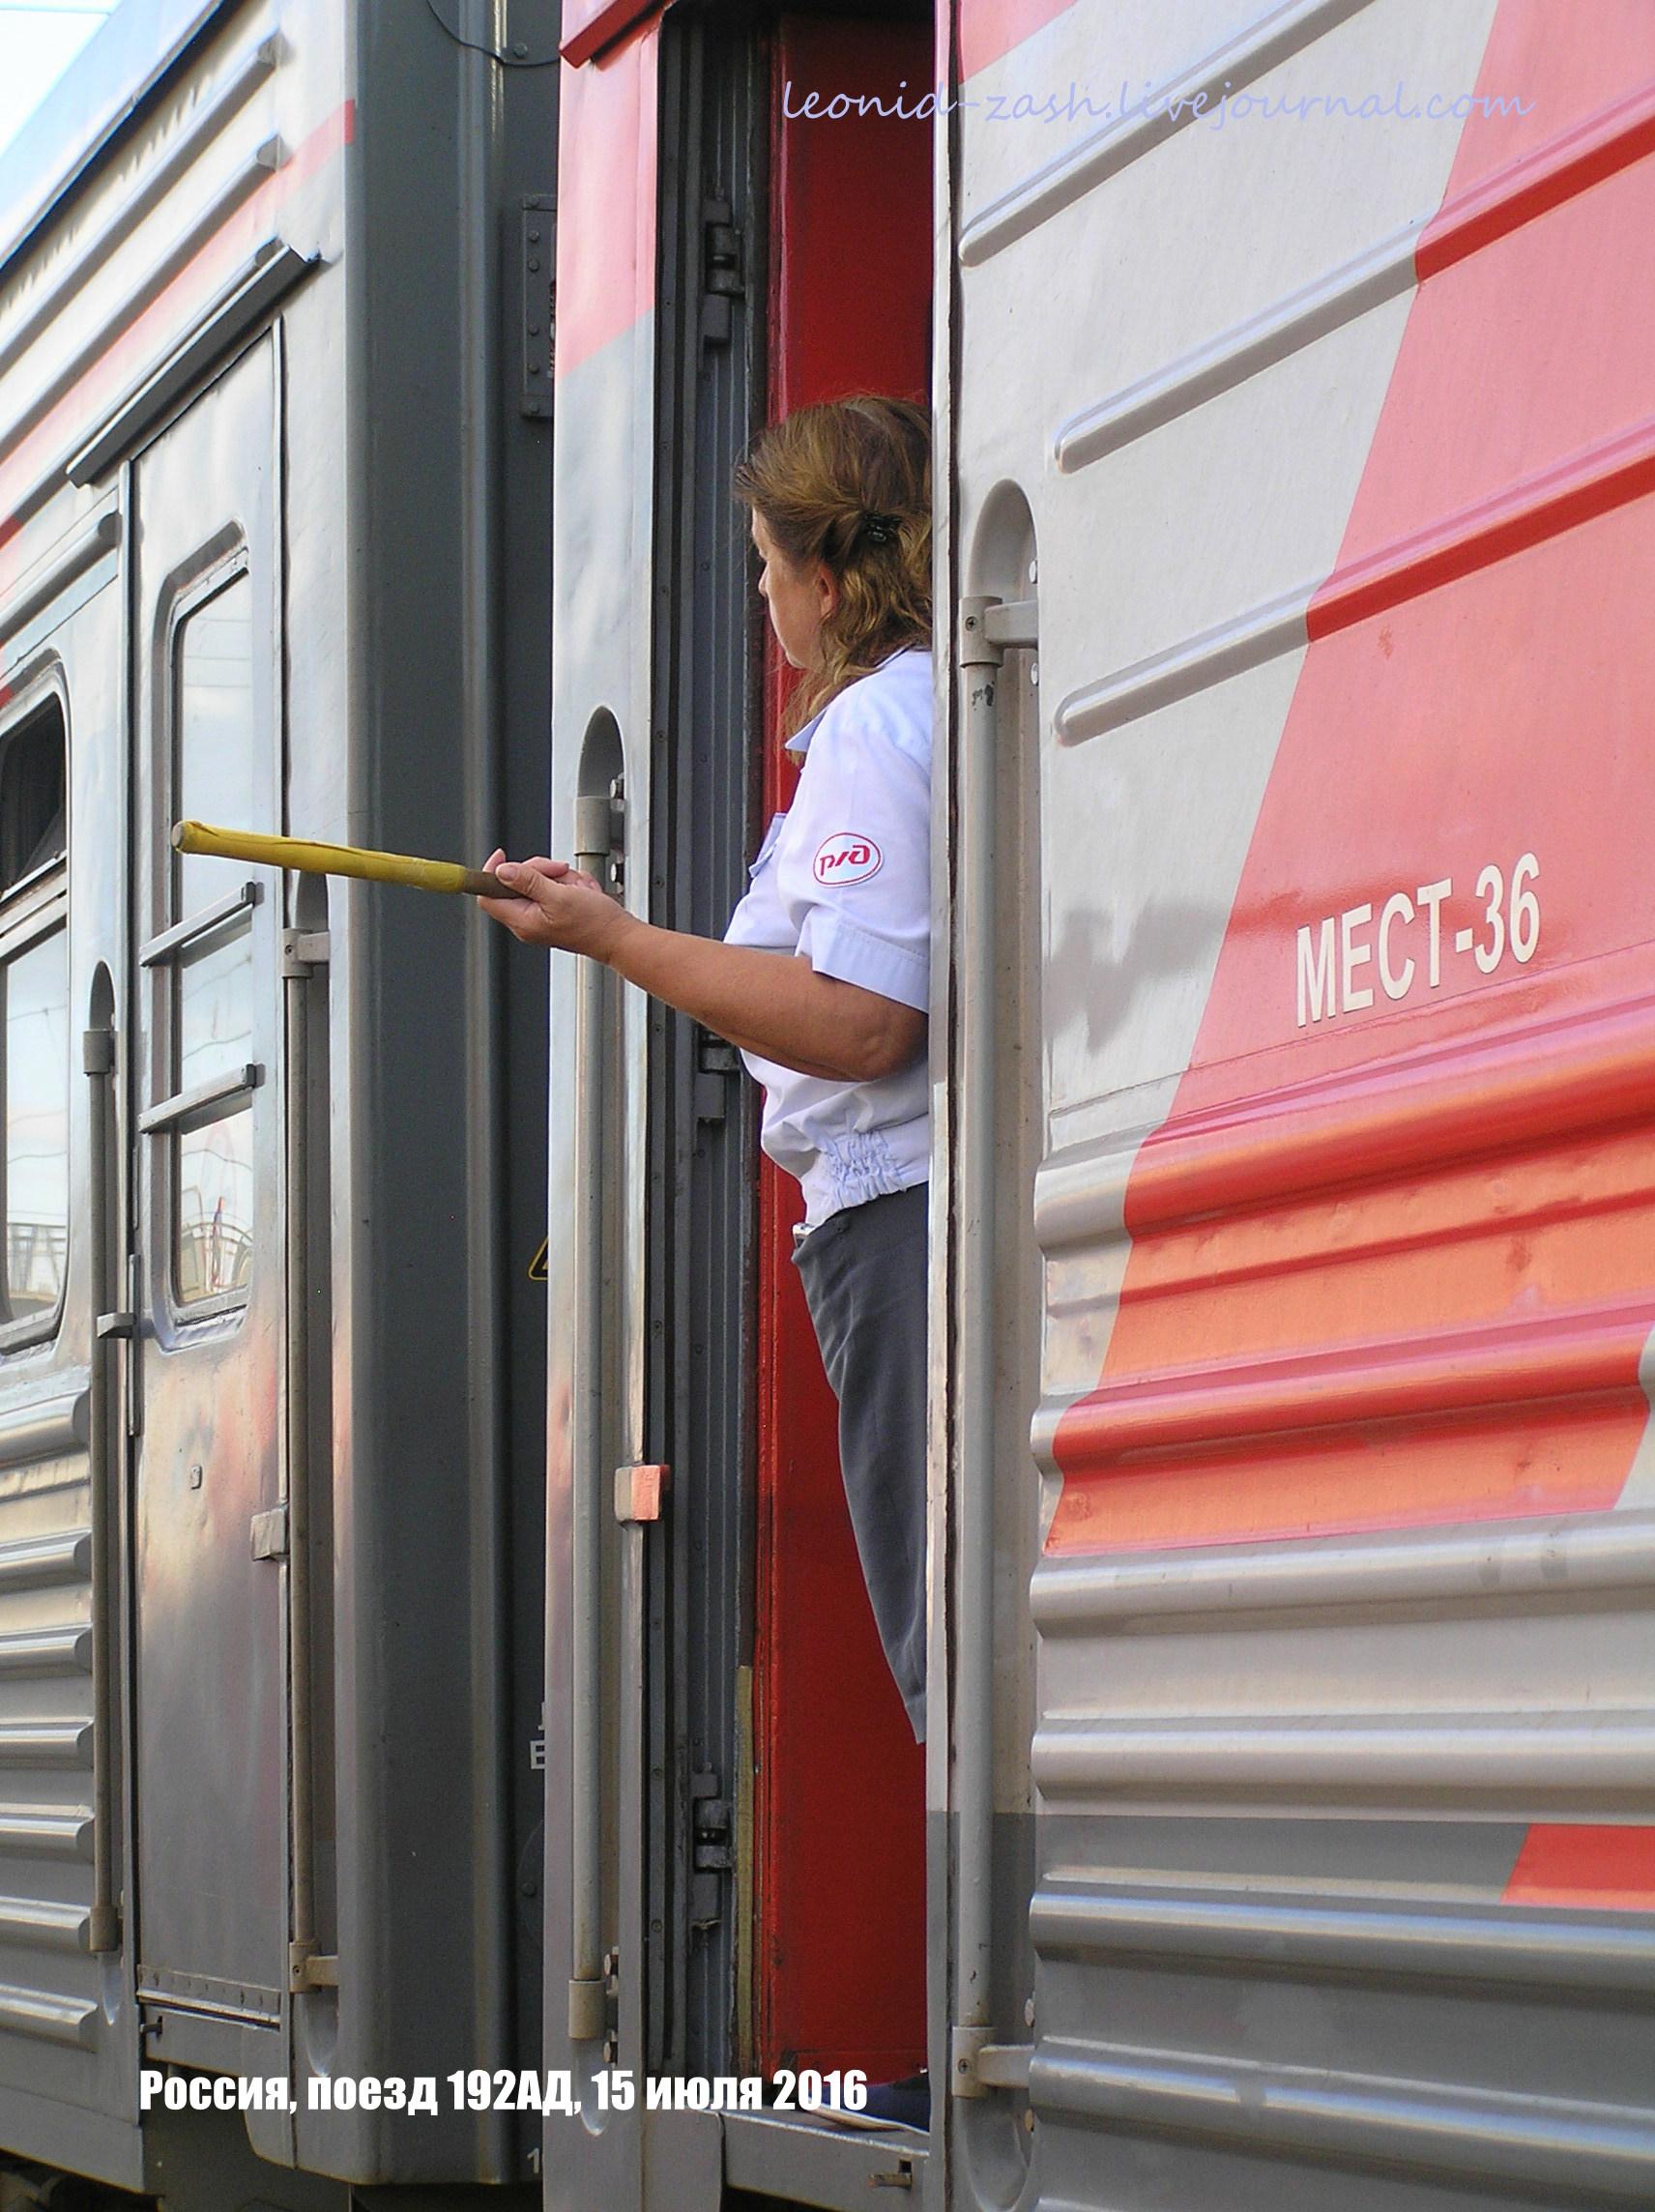 РЖД поезд 192АД 57.JPG